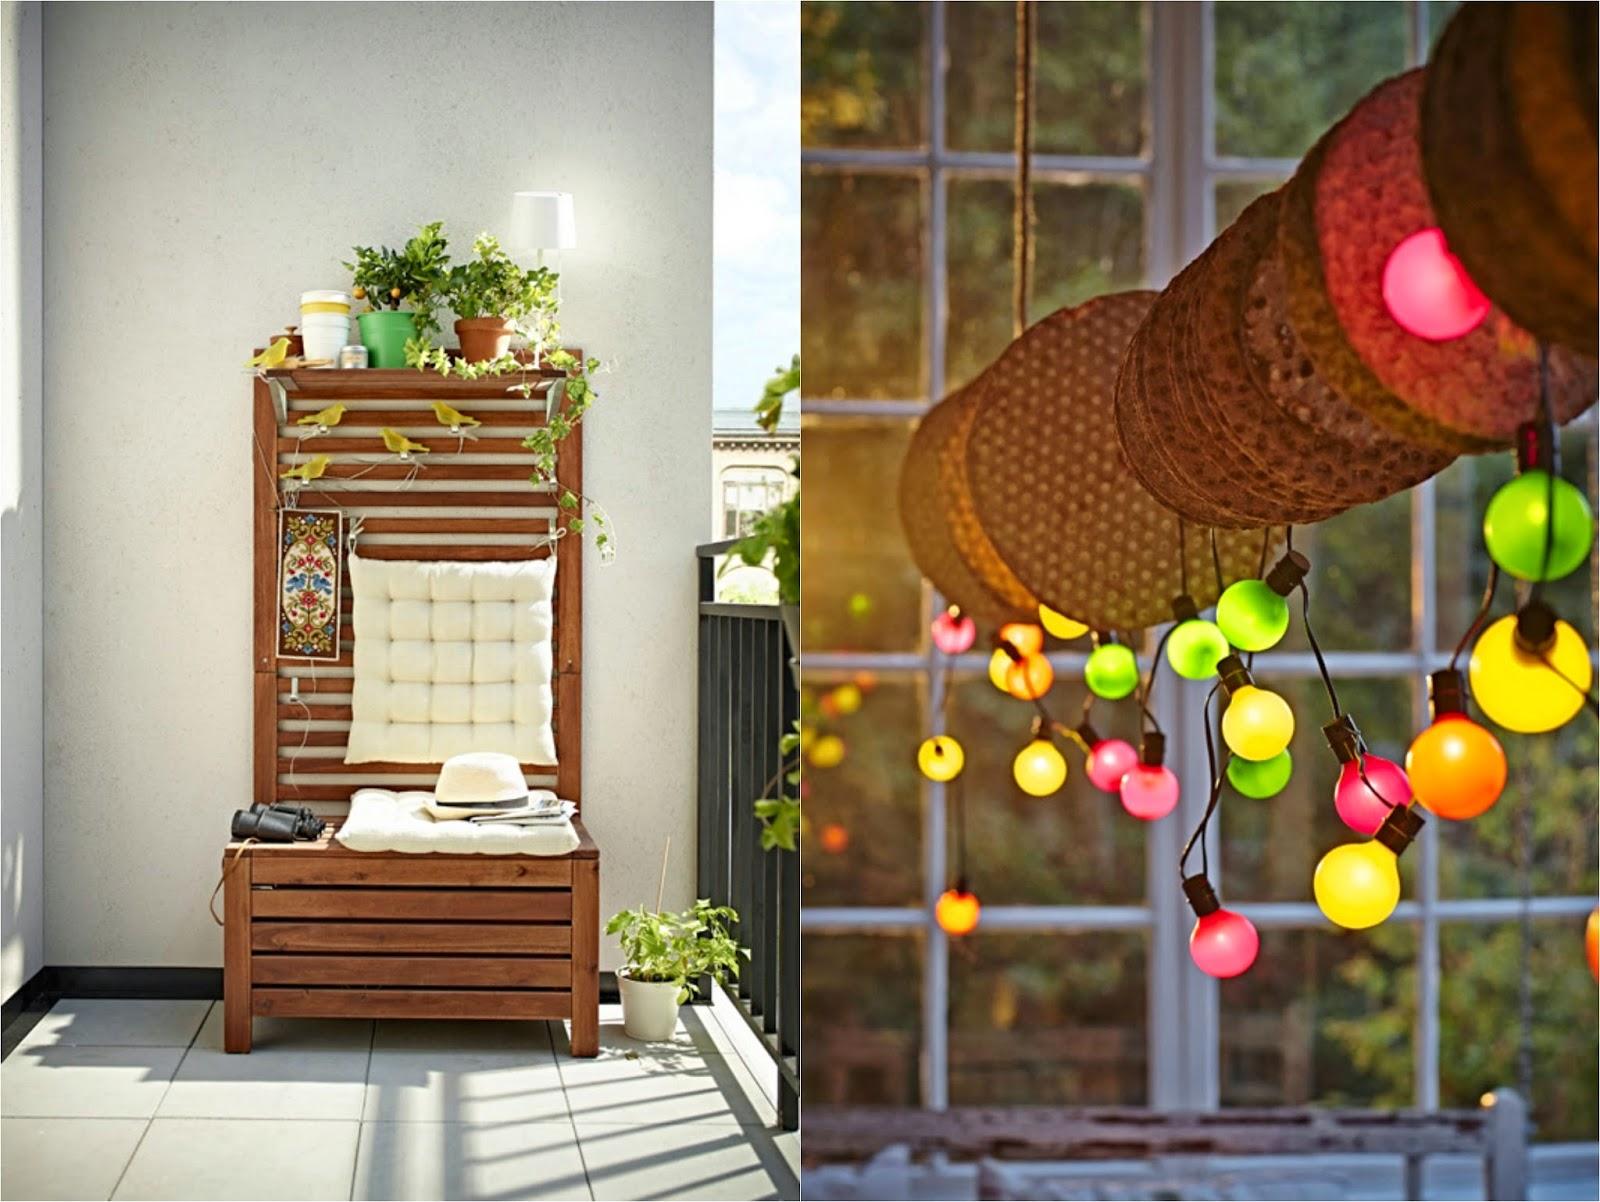 die balkonsaison beginnt bald tipps f r mehr stauraum auf dem balkon und im garten ordnungsliebe. Black Bedroom Furniture Sets. Home Design Ideas